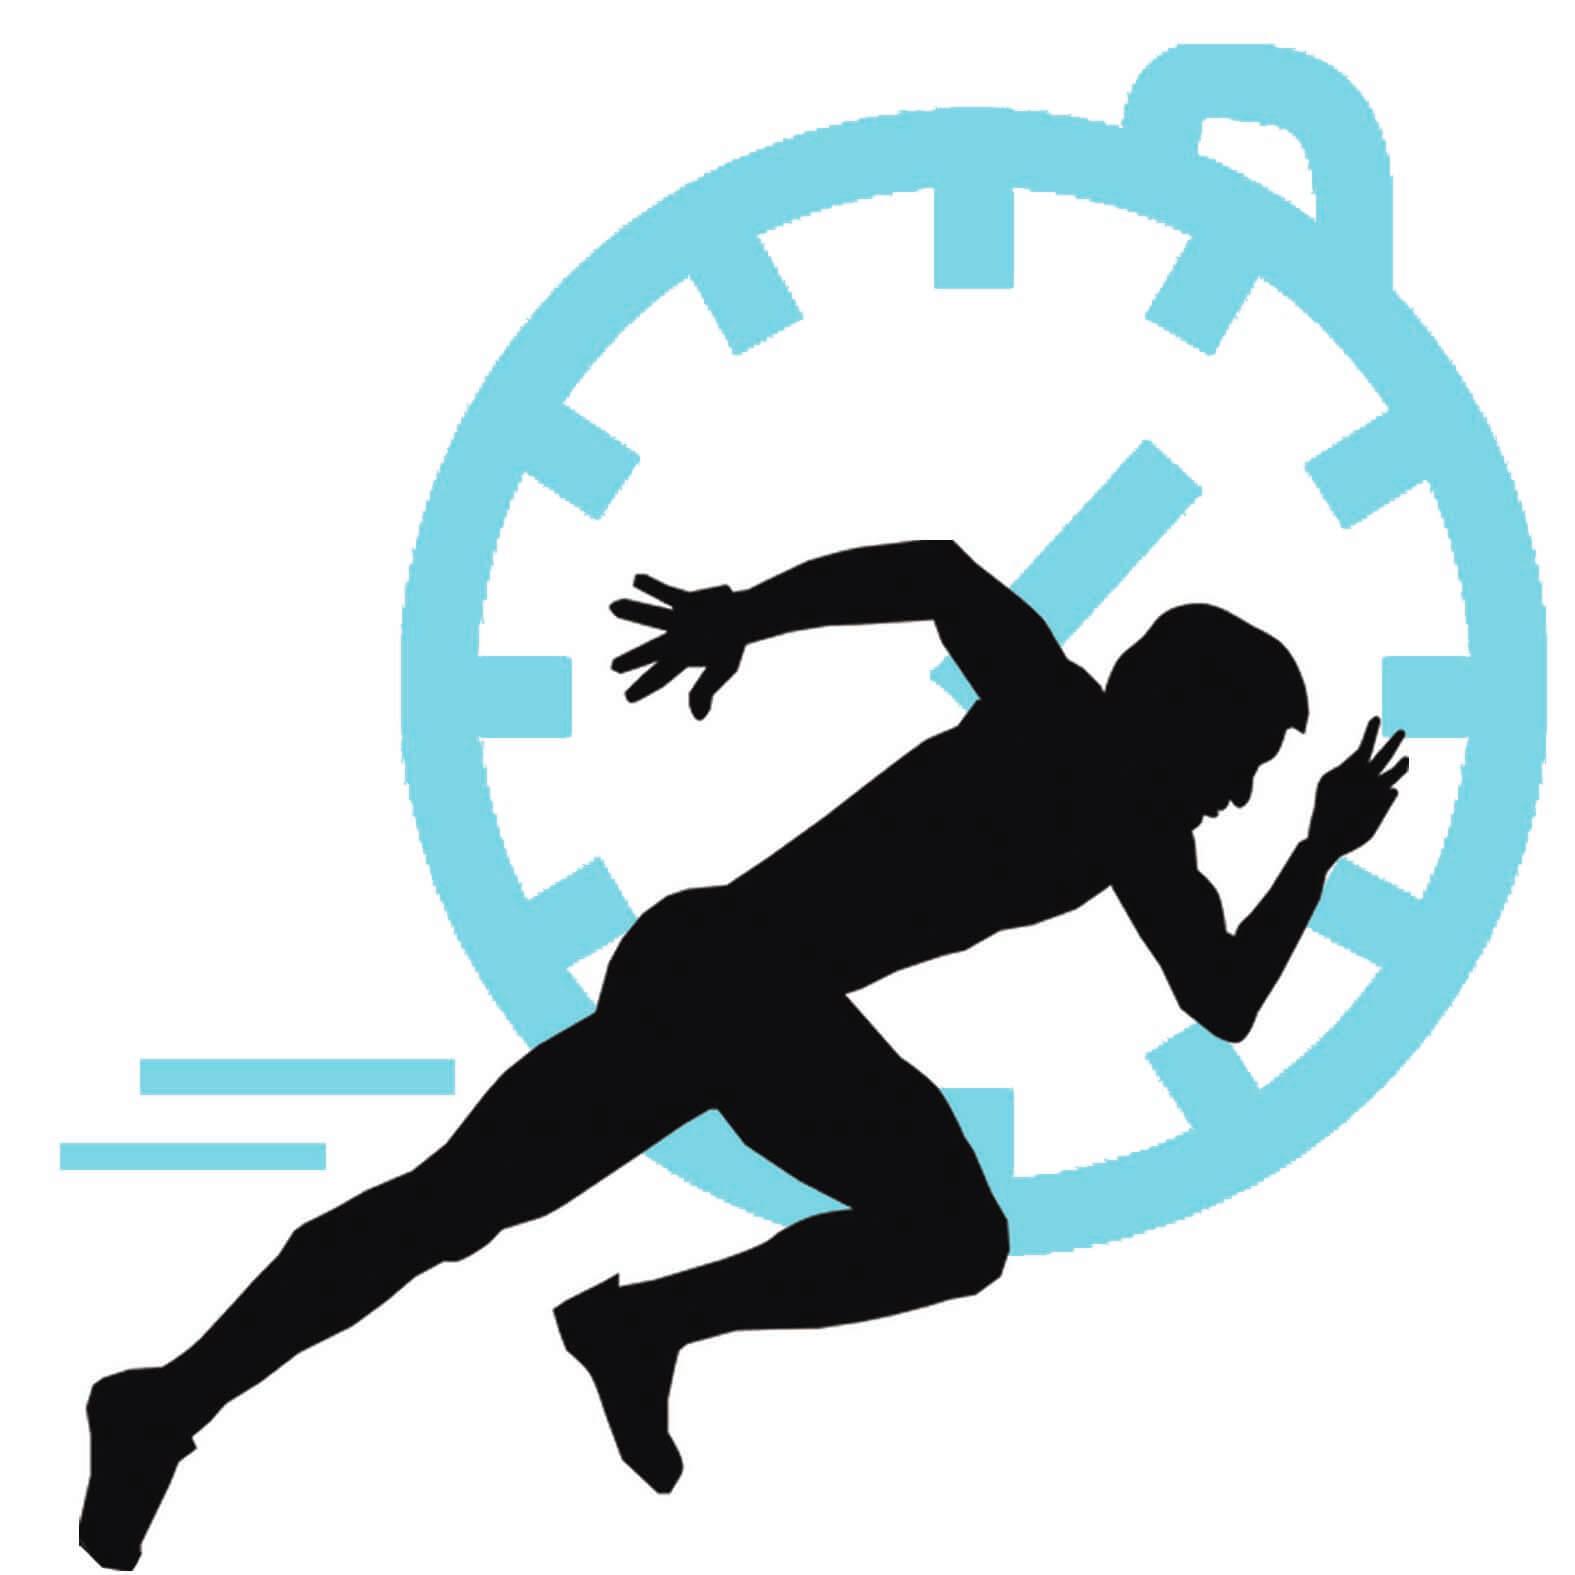 Nous intervenons sept jours sur sept en trente minutes pour tous dépannages en serrurerie.